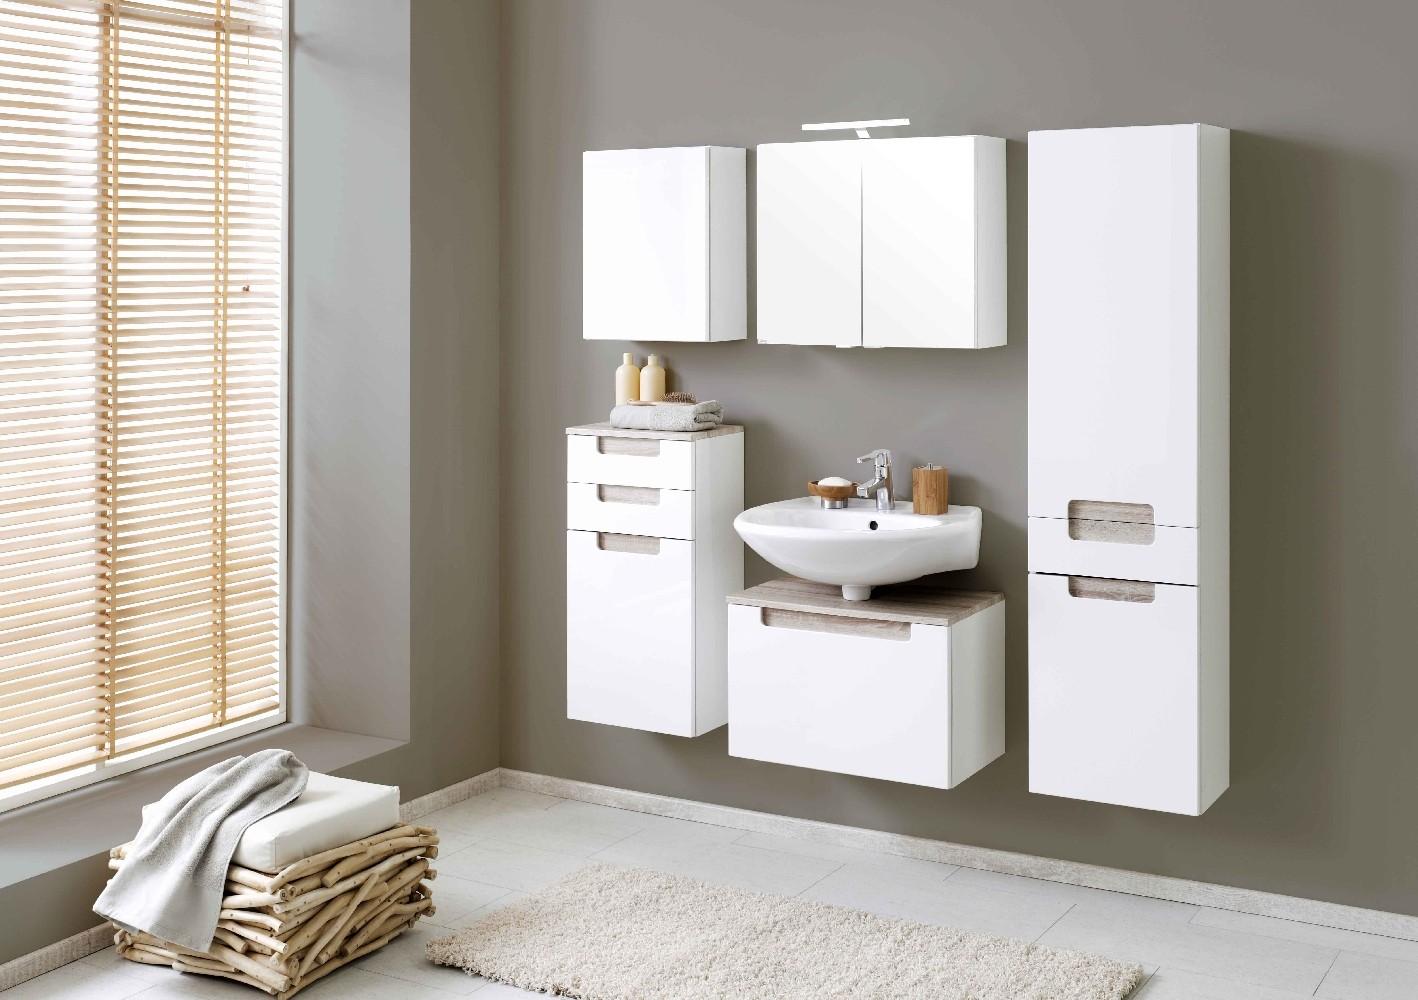 Bad waschbeckenunterschrank siena 1 auszug 60 cm breit for Bad waschbeckenunterschrank